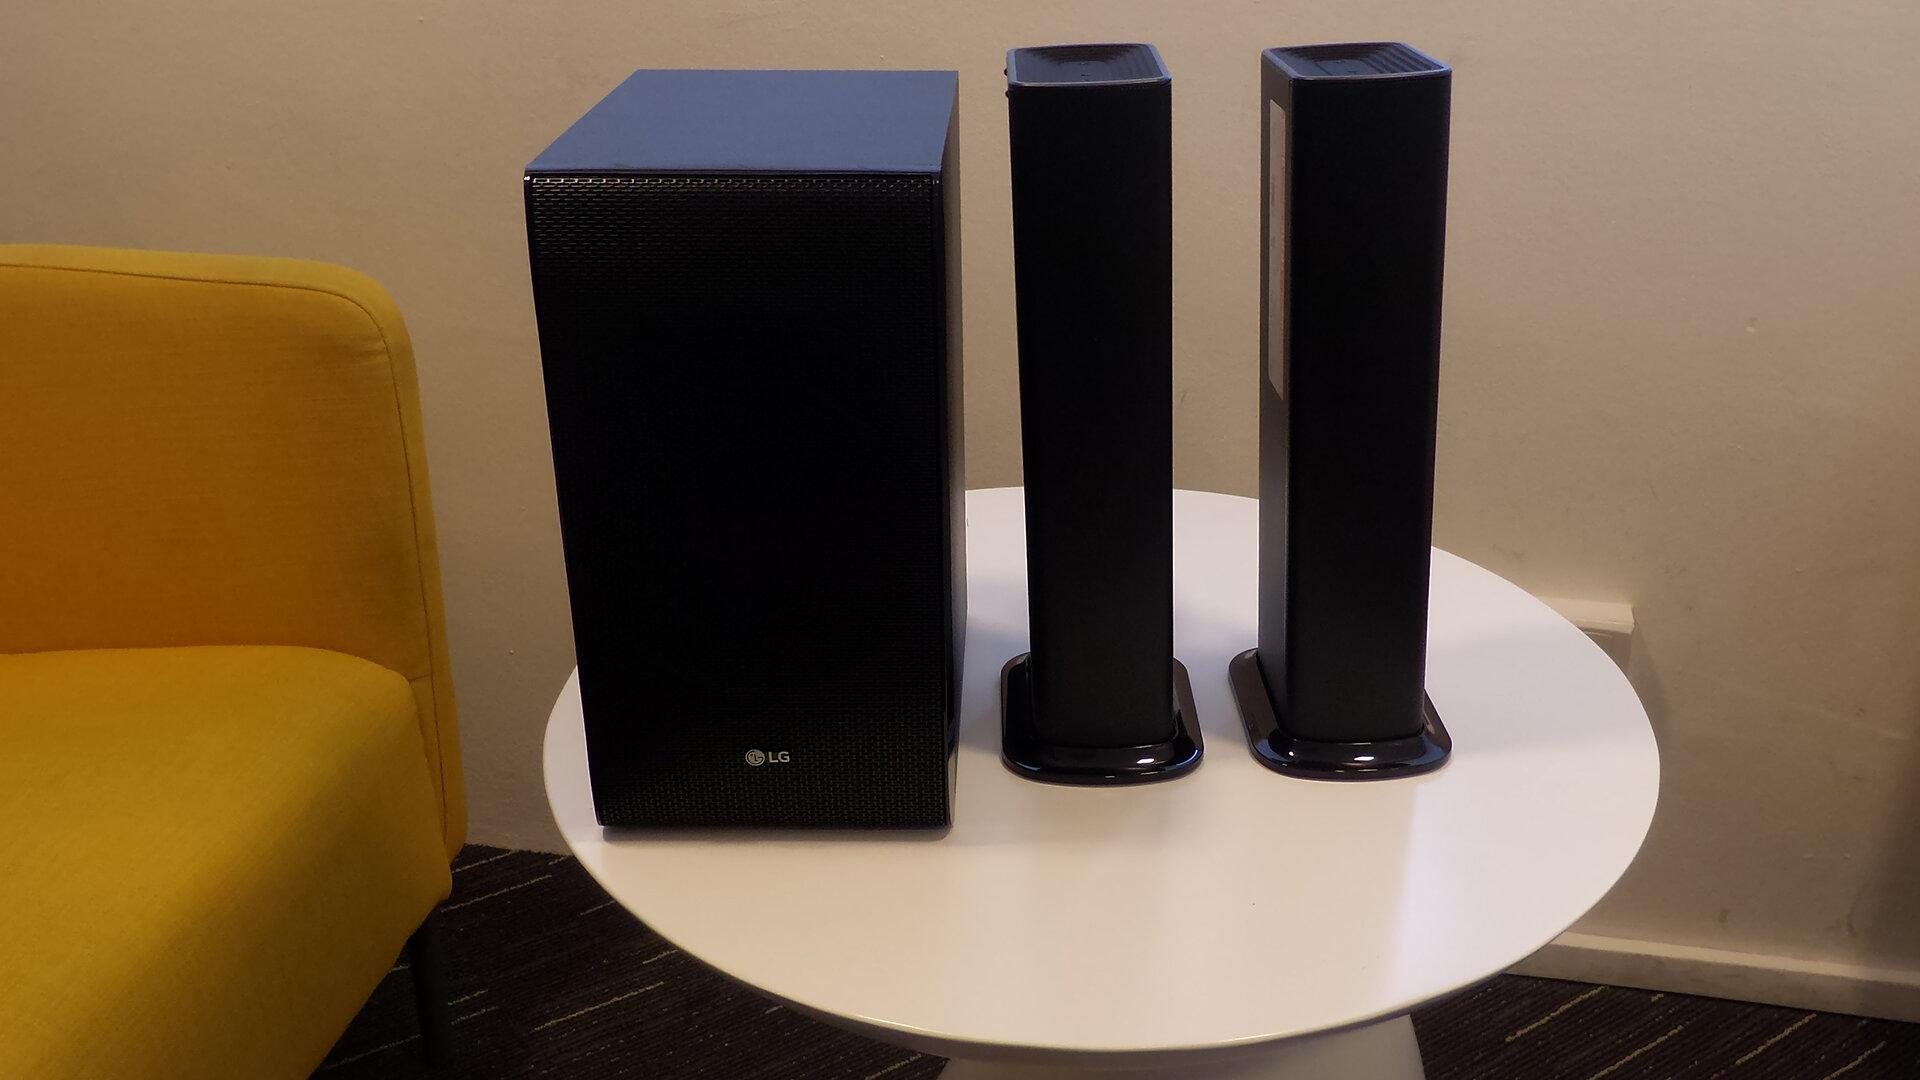 Loa Soundbar cho âm thanh sống động với chất lượng như rạp